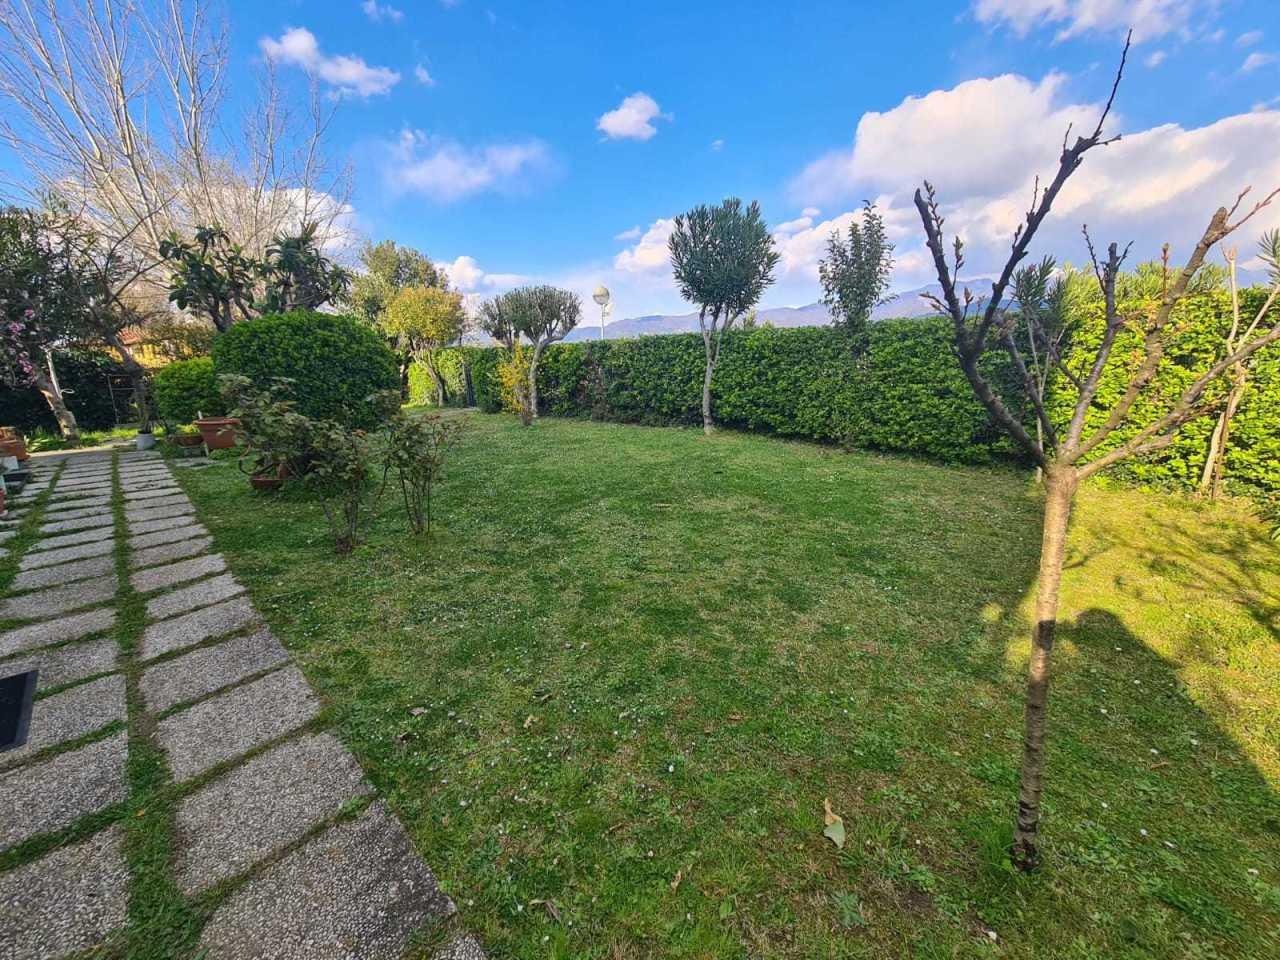 Soluzione Semindipendente in affitto a Ameglia, 3 locali, prezzo € 550 | PortaleAgenzieImmobiliari.it